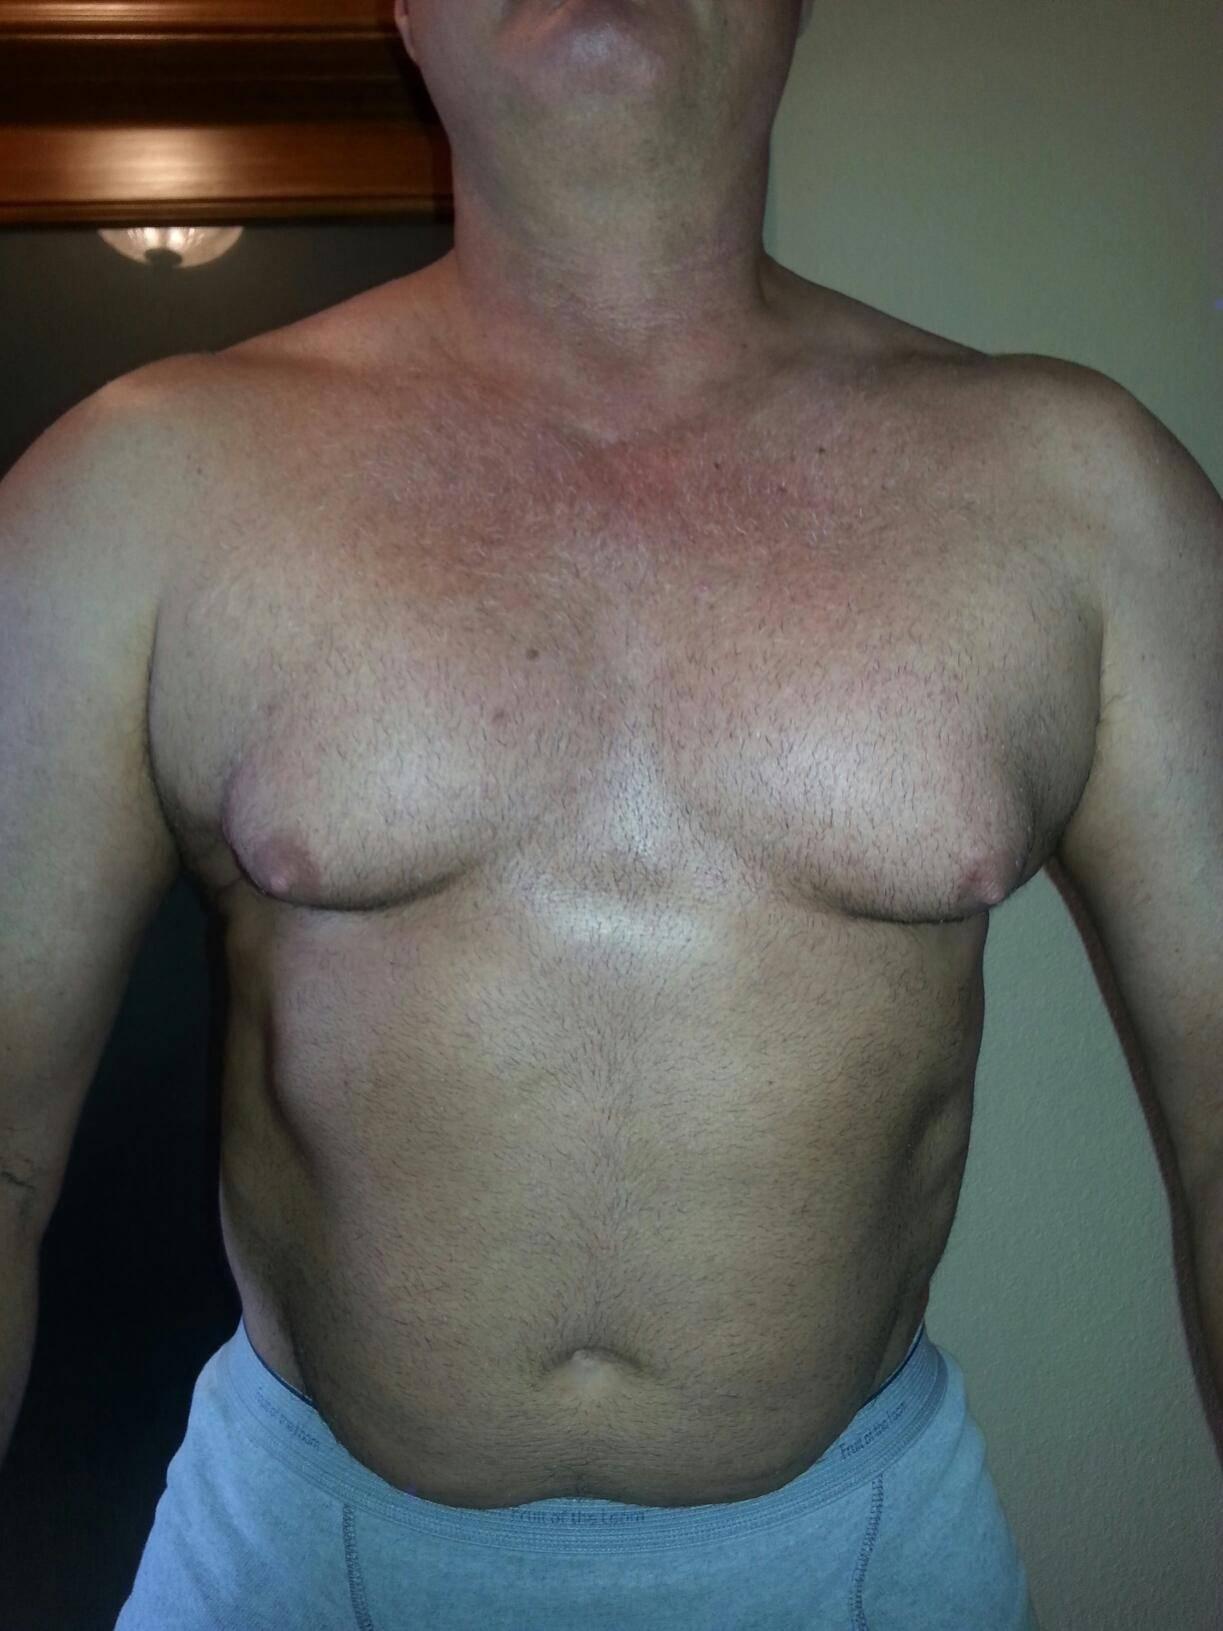 Гинекомастия: причины возникновения у мужчин, симптомы и лечение